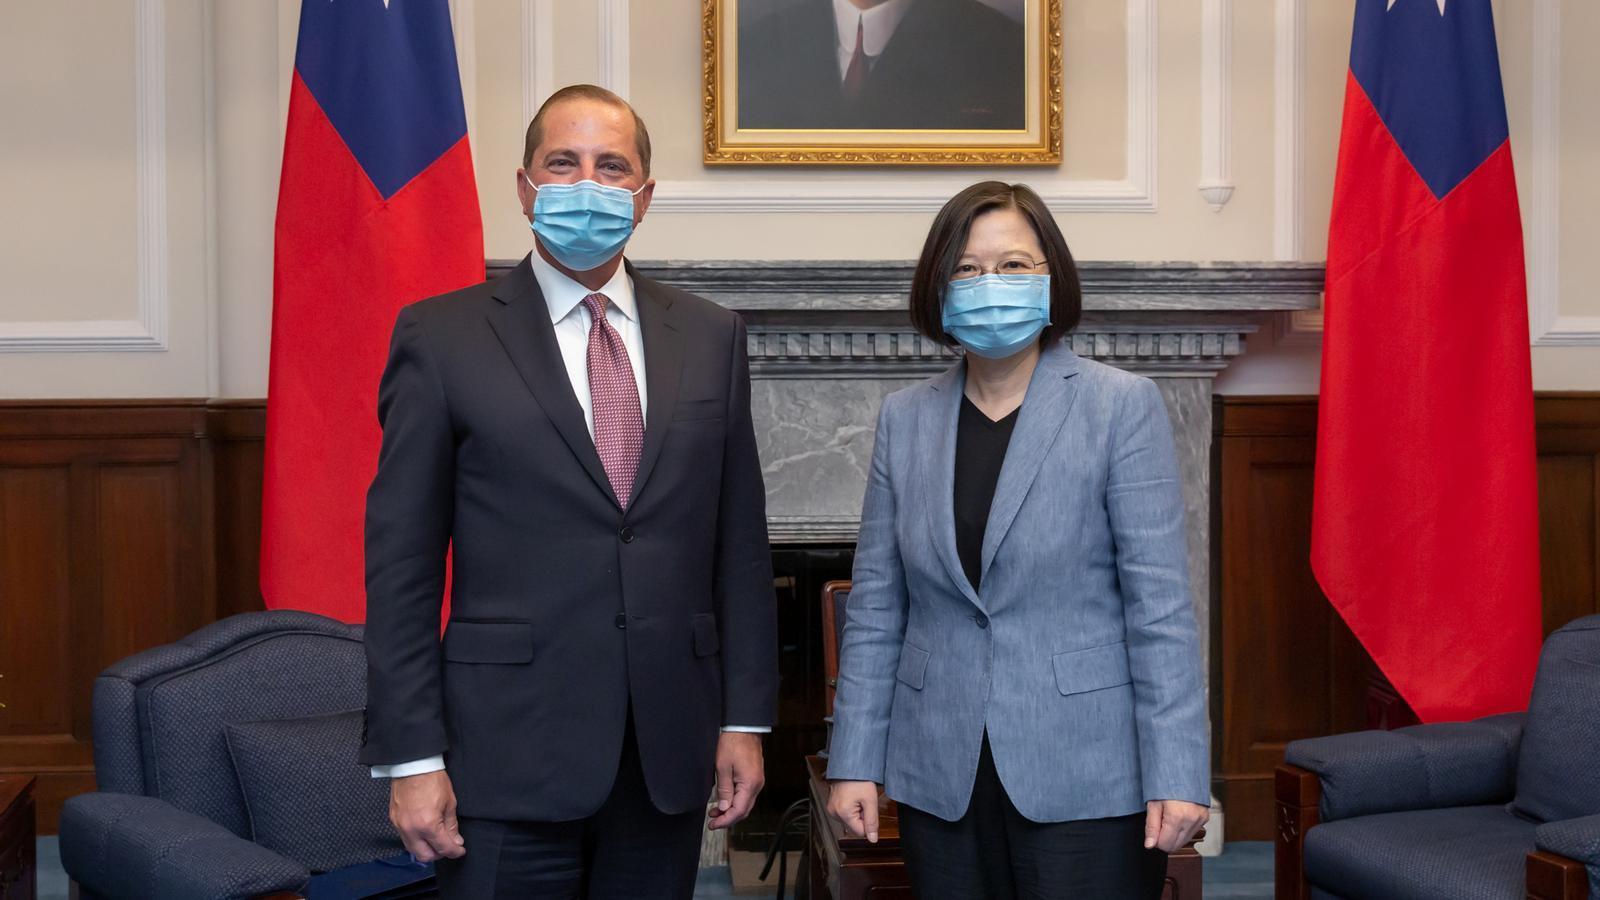 El secretari de Sanitat nord-americà, Alex Azar, amb la presidenta taiwanesa, Tsai Ing-wen, aquest dilluns a Taipei